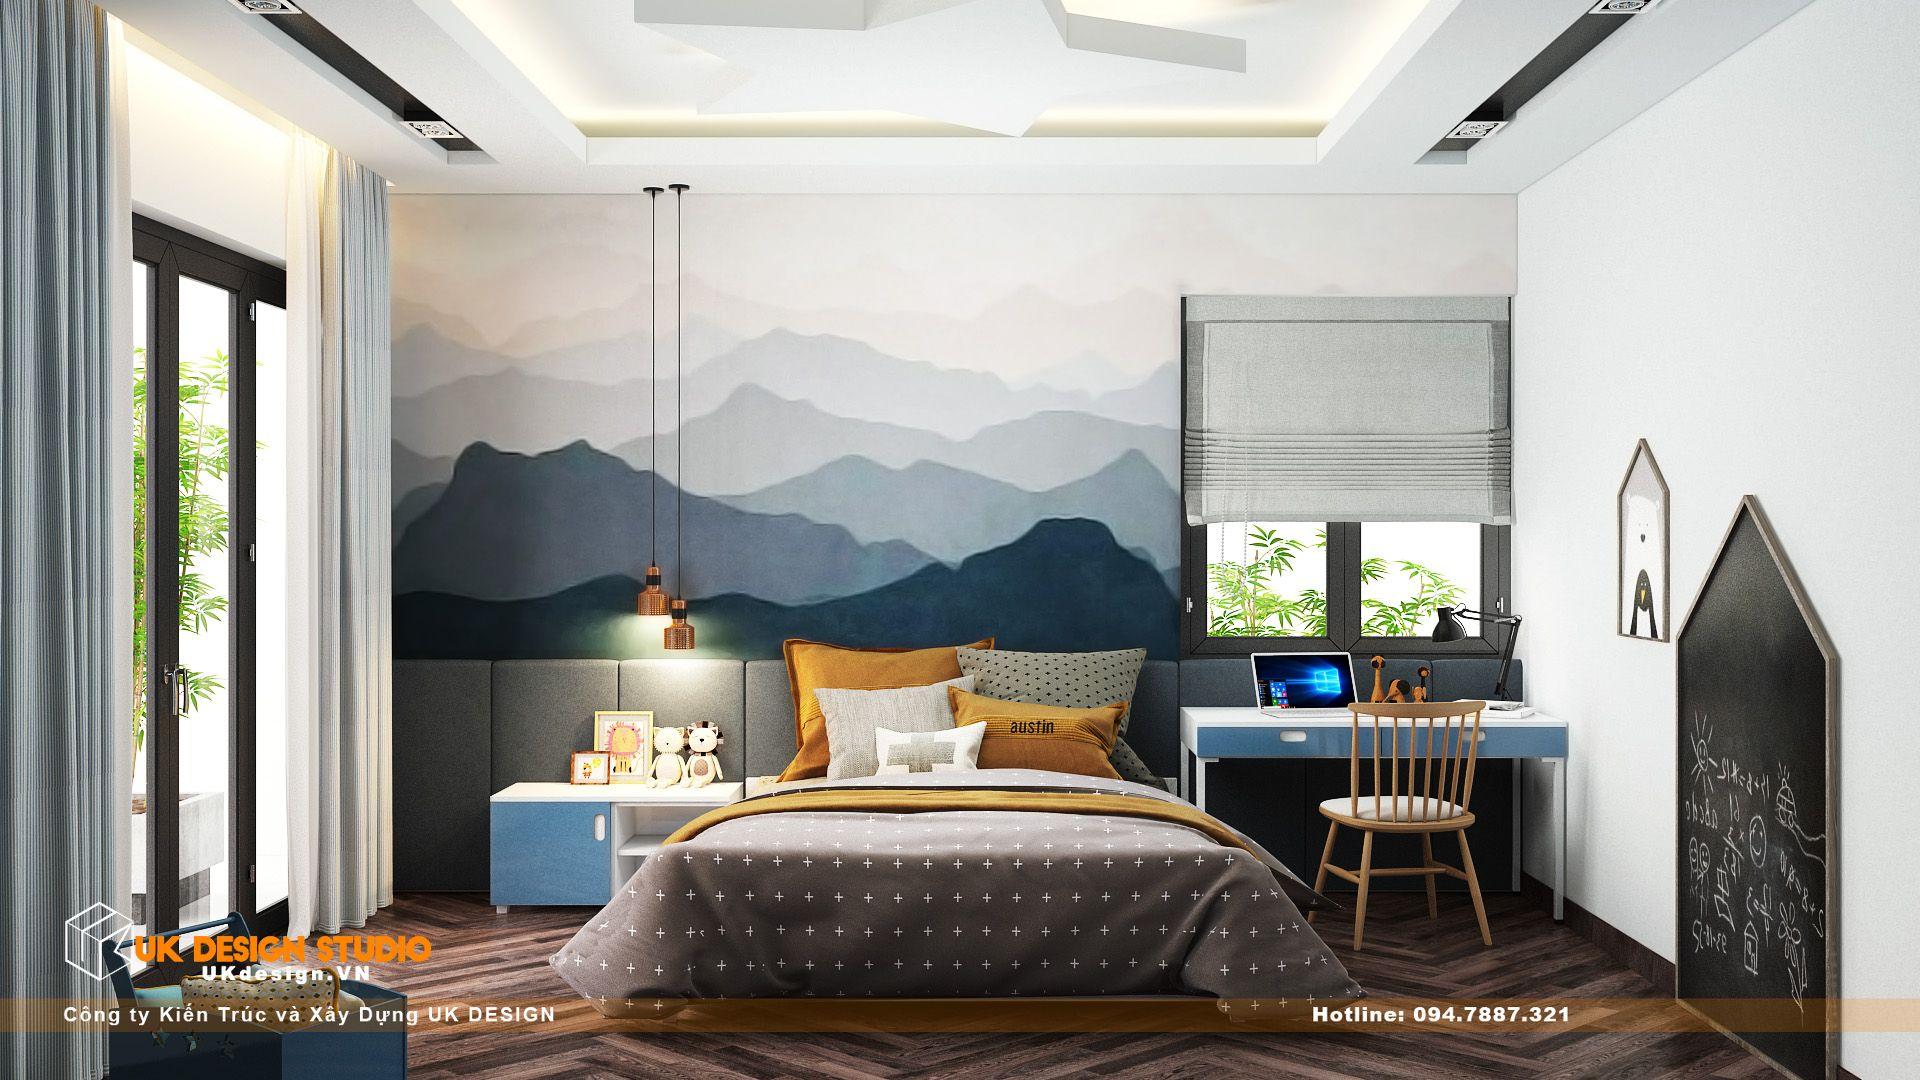 Thiết kế nội thất biệt thự nhà đẹp 3 tầng ở Quận 8 - Phòng ngủ con trai 1